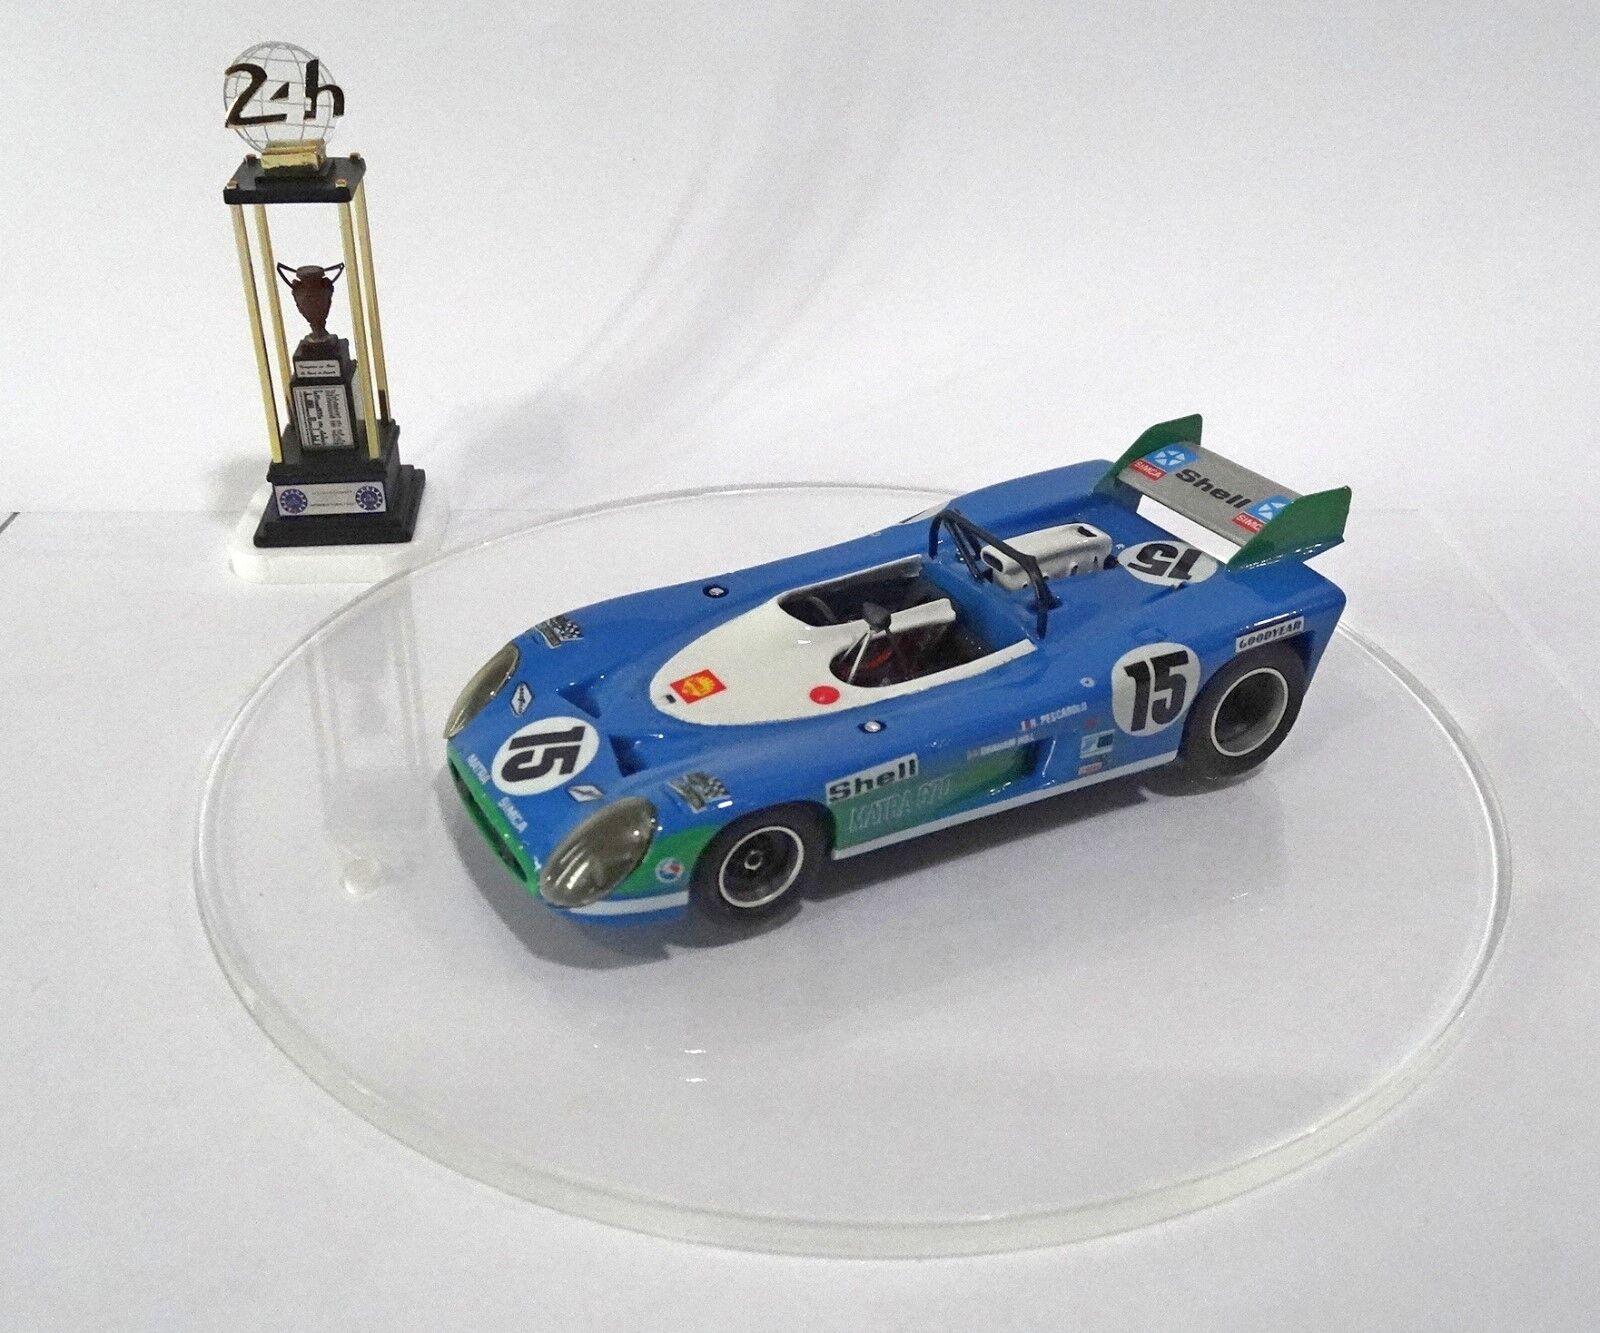 MATRA SIMCA MS 670  15 Le Mans 24 H 1972 Built Monté Kit 1 43 no spark